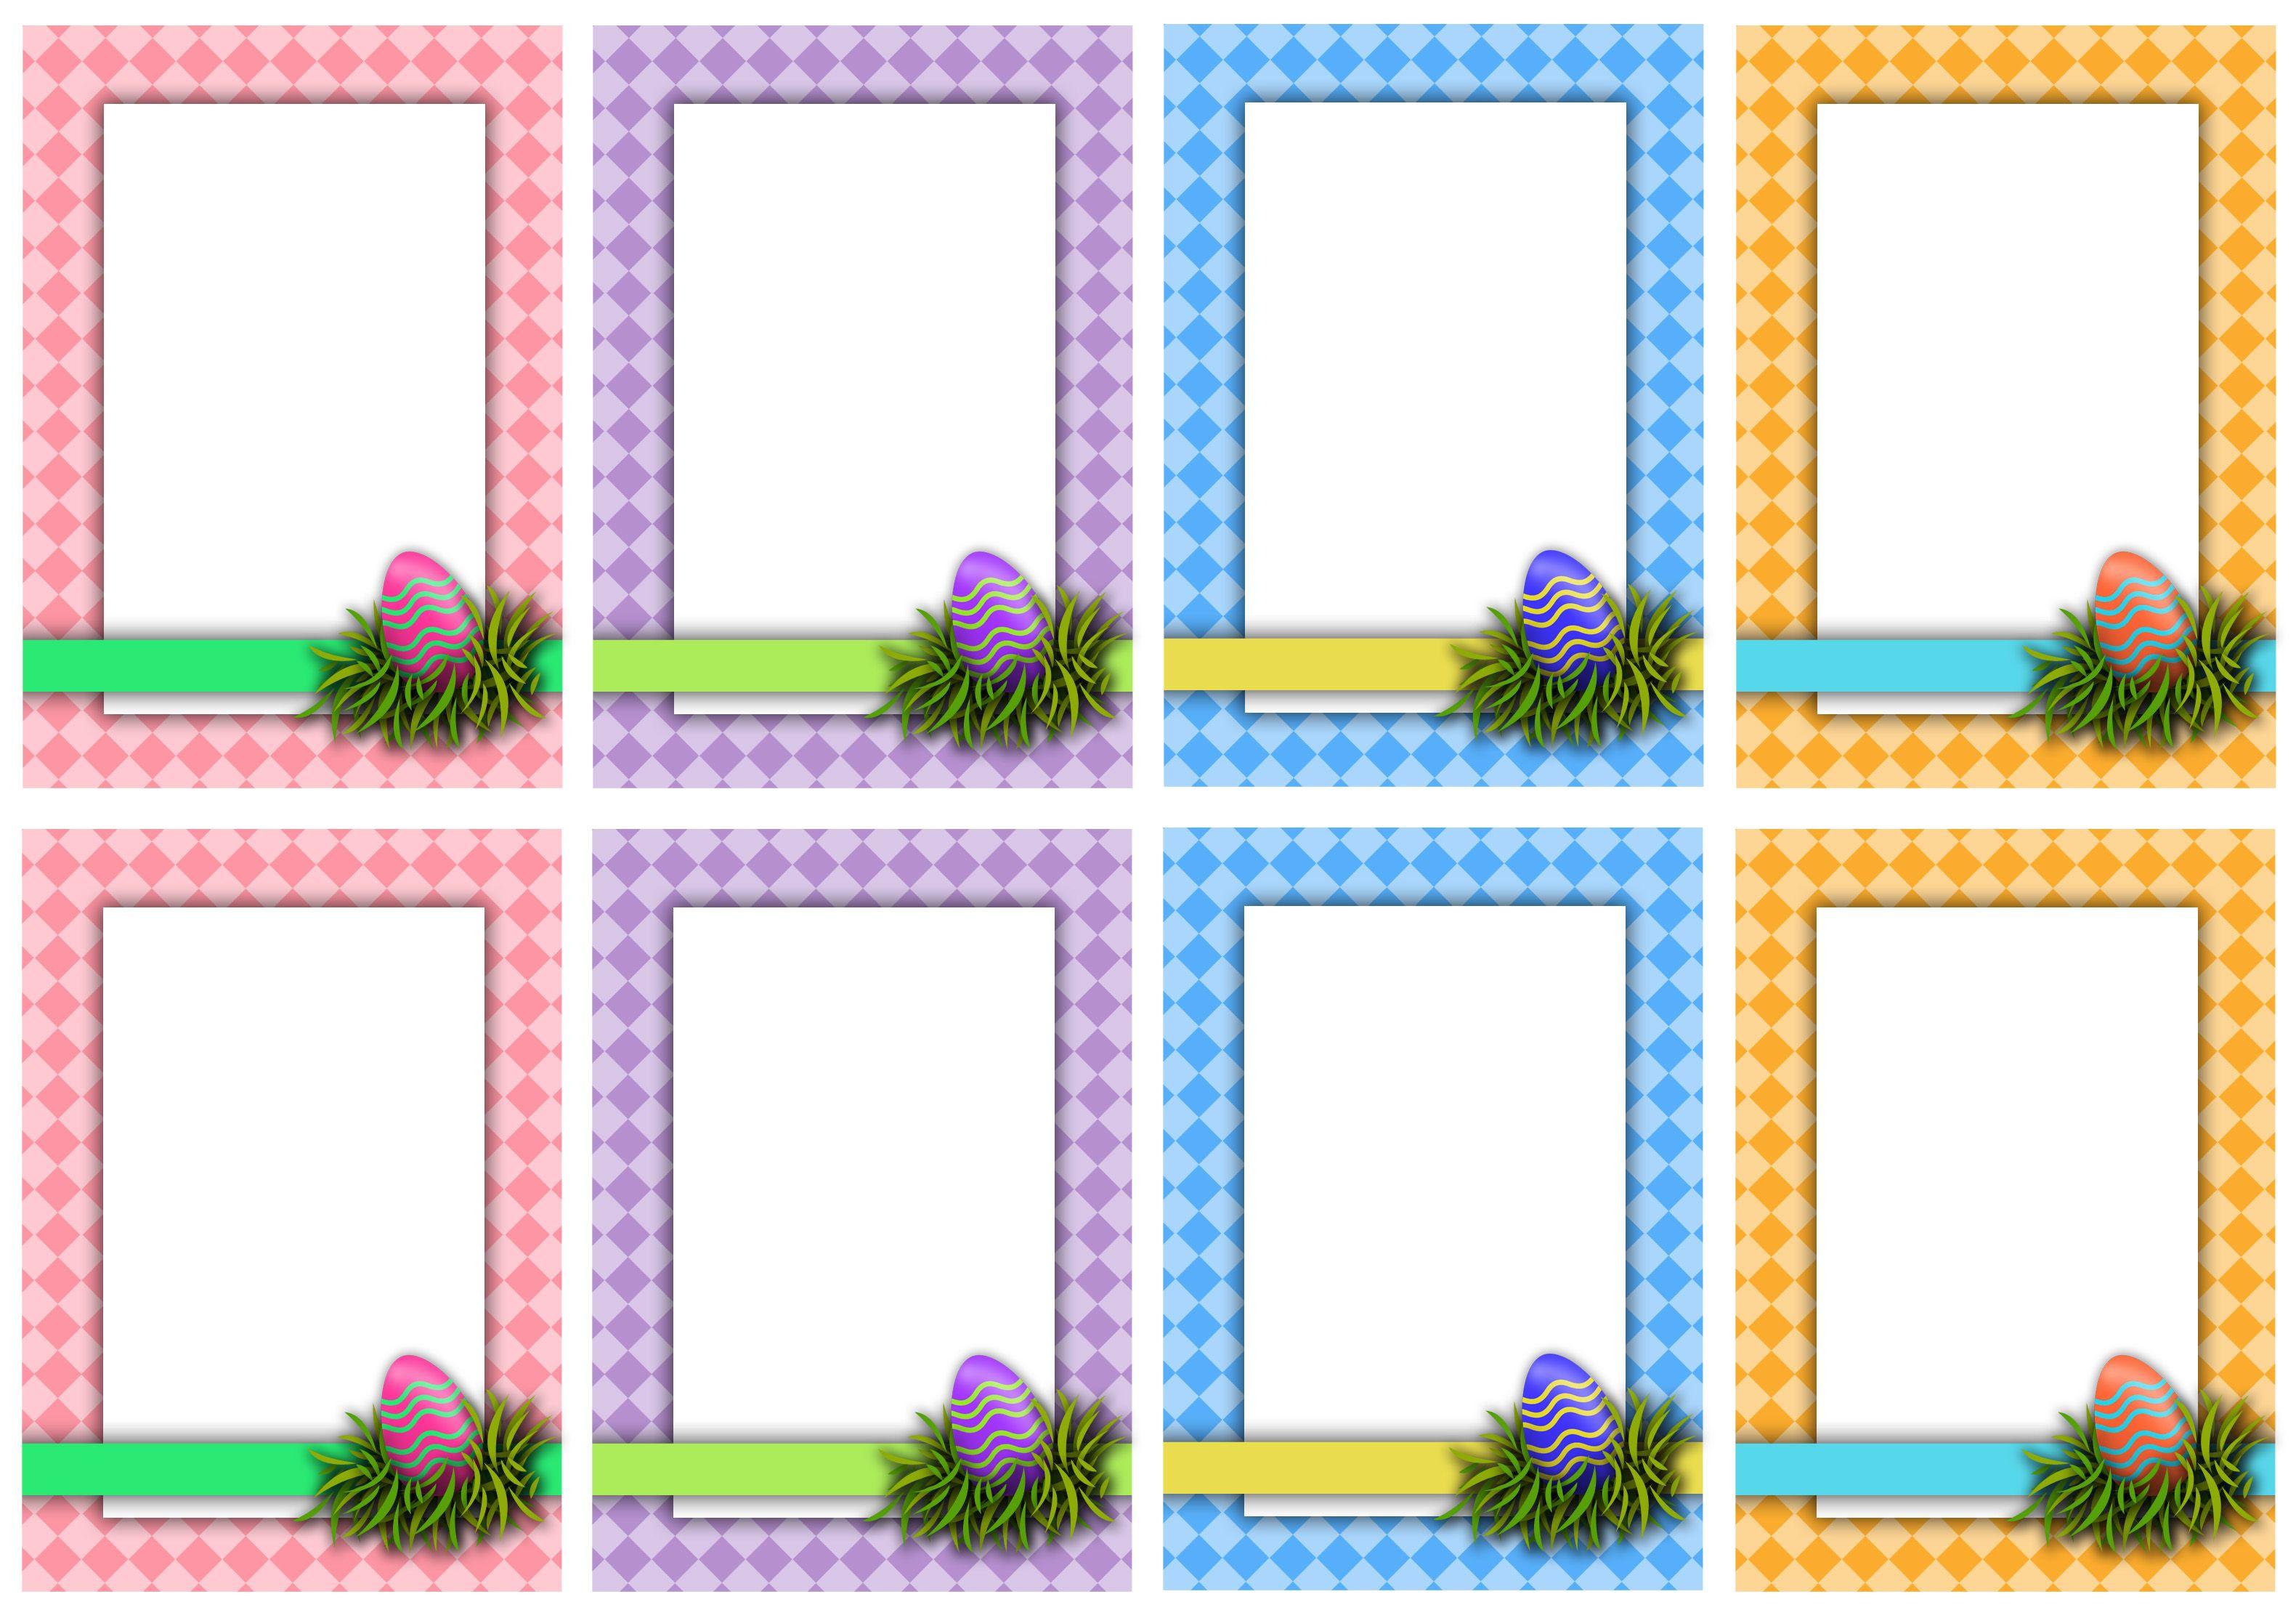 Printable Easter Scavenger Hunt Cards